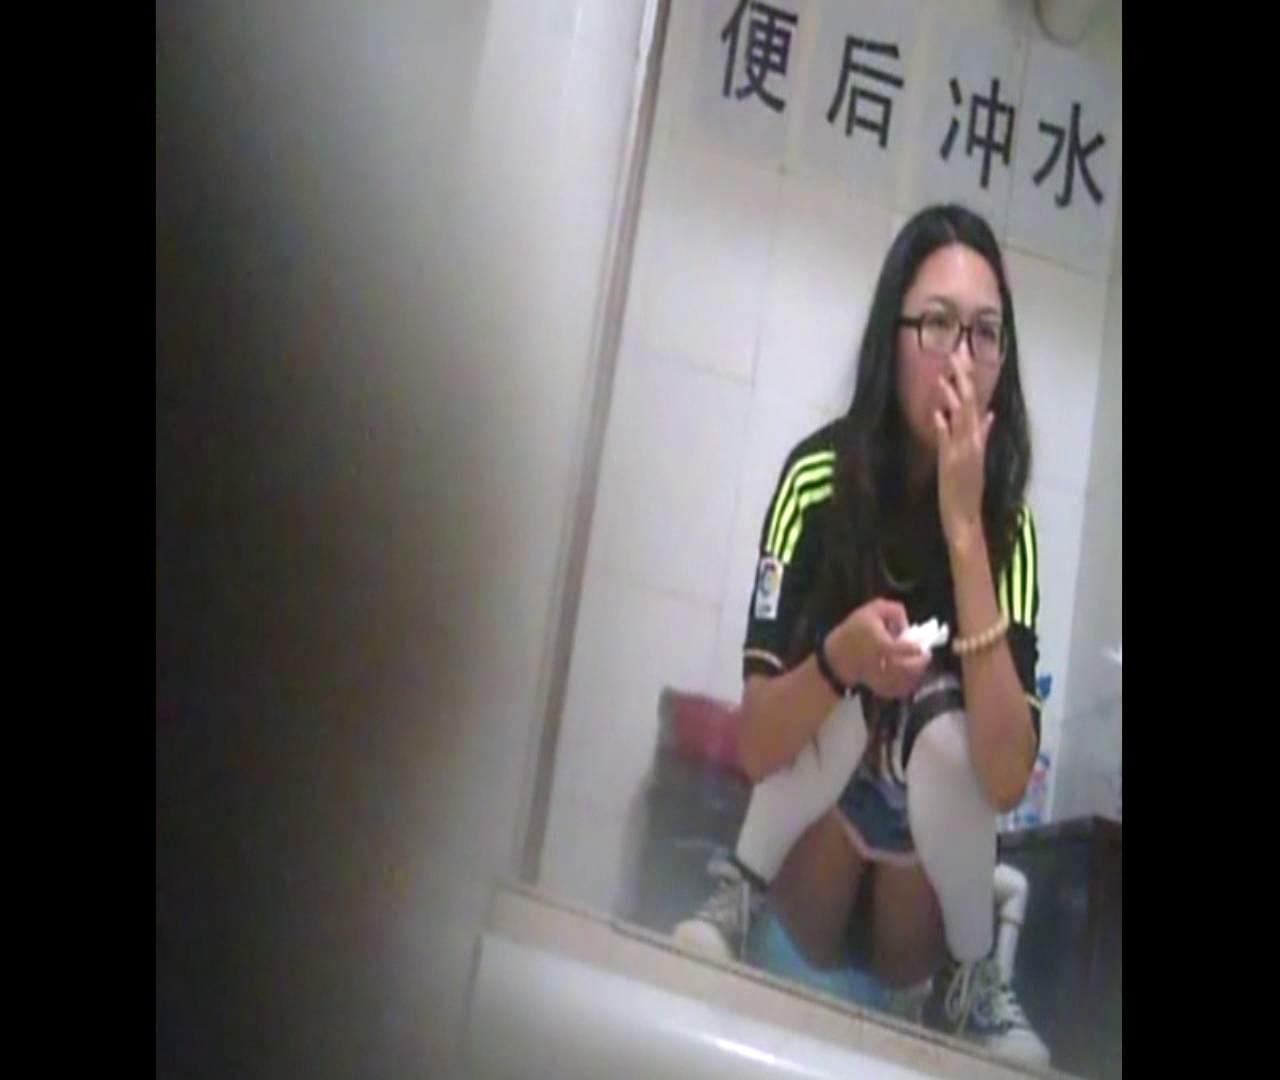 エロ動画:Vol.40 かわいい顔して鼻に指入っちゃいまーす。:怪盗ジョーカー